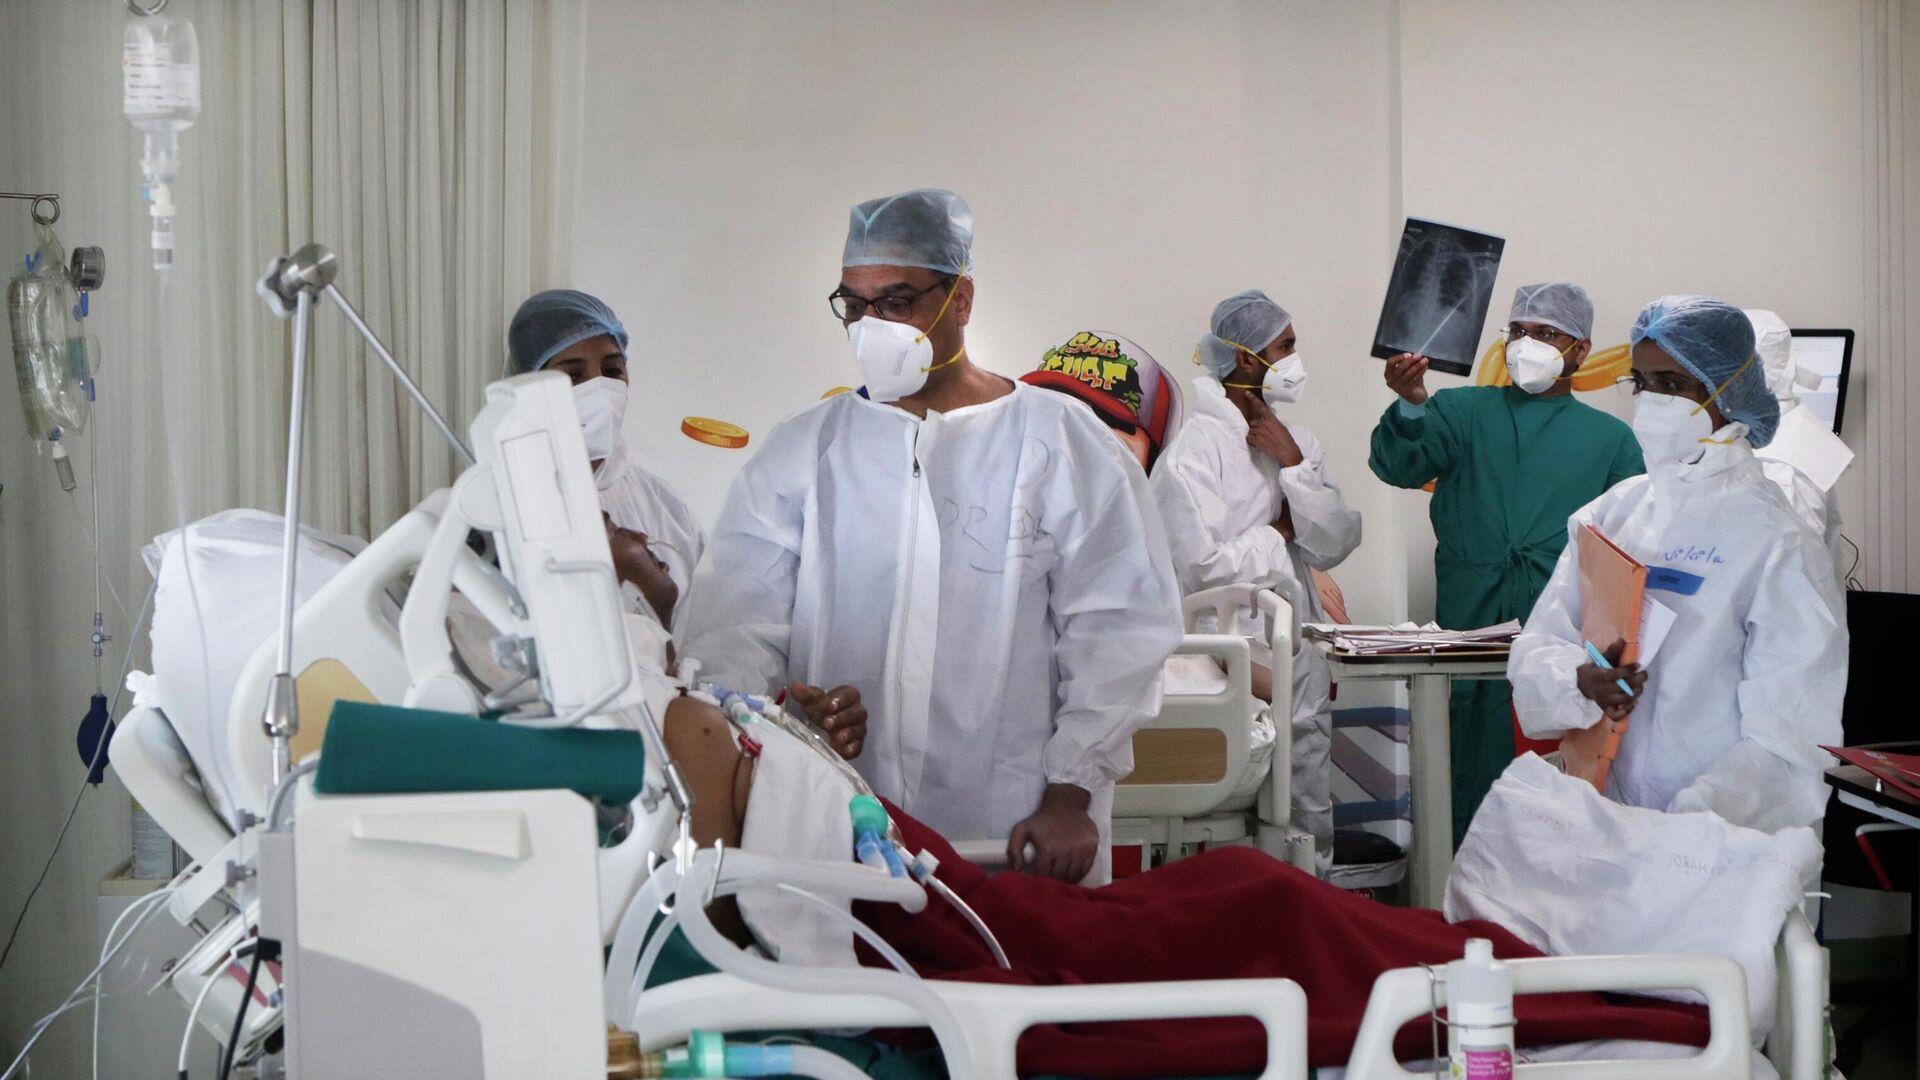 Медицинские работники в госпитале для зараженных коронавирусной инфекцией COVID-19 в городе Мумбай, Индия - РИА Новости, 1920, 23.07.2021